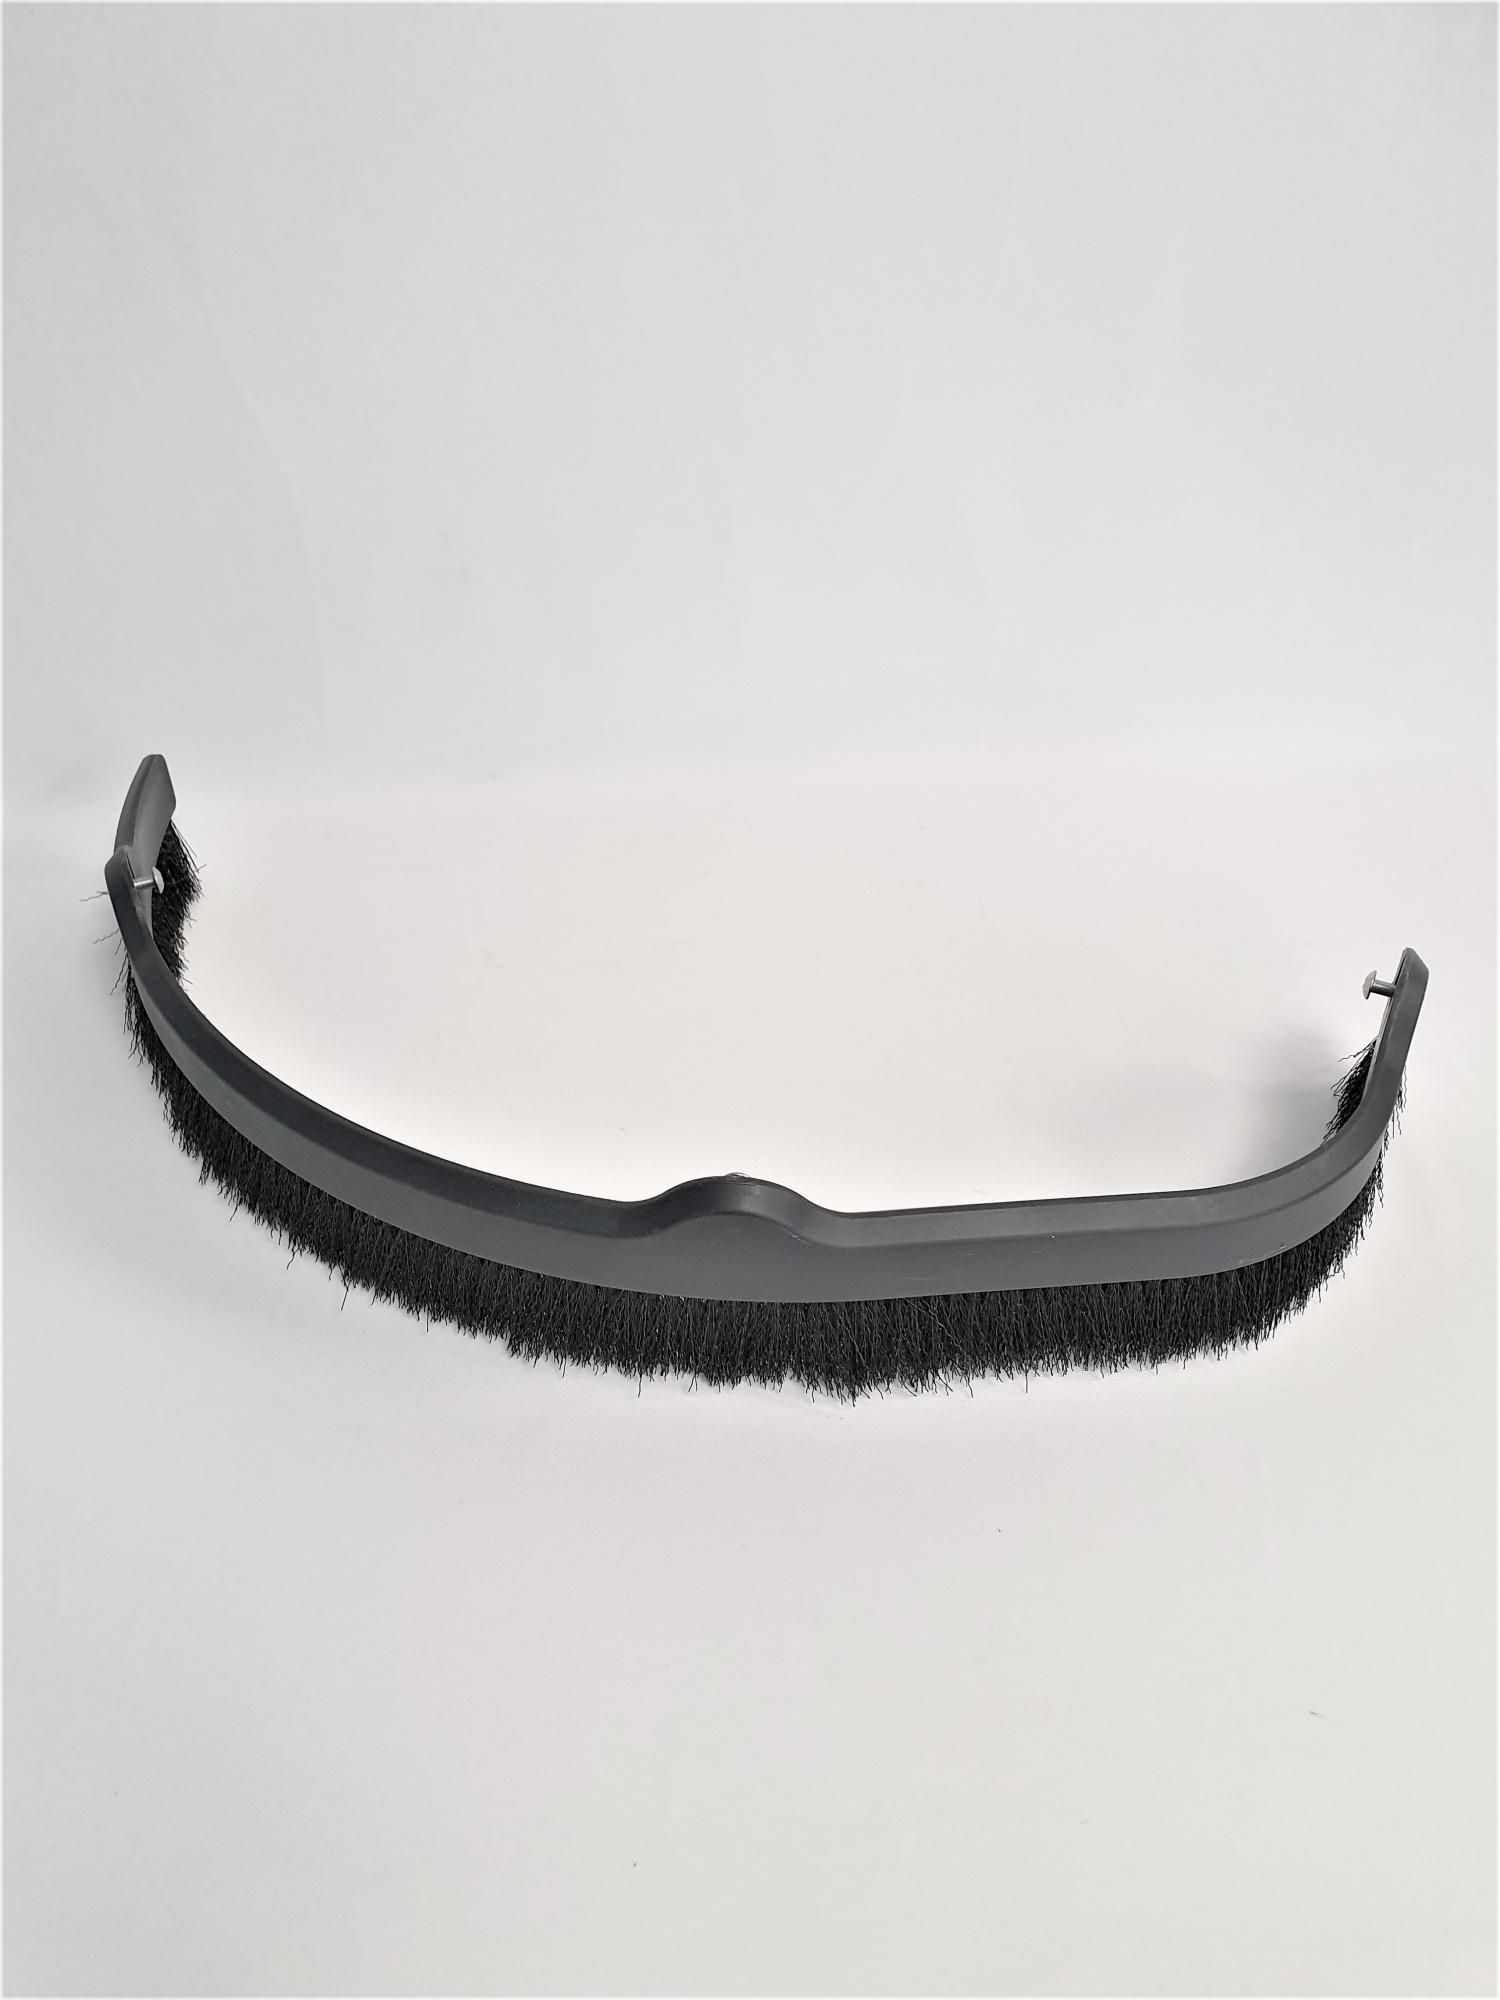 Ceinture de brosse droite pour Autolaveuse VIPER AS 530 R